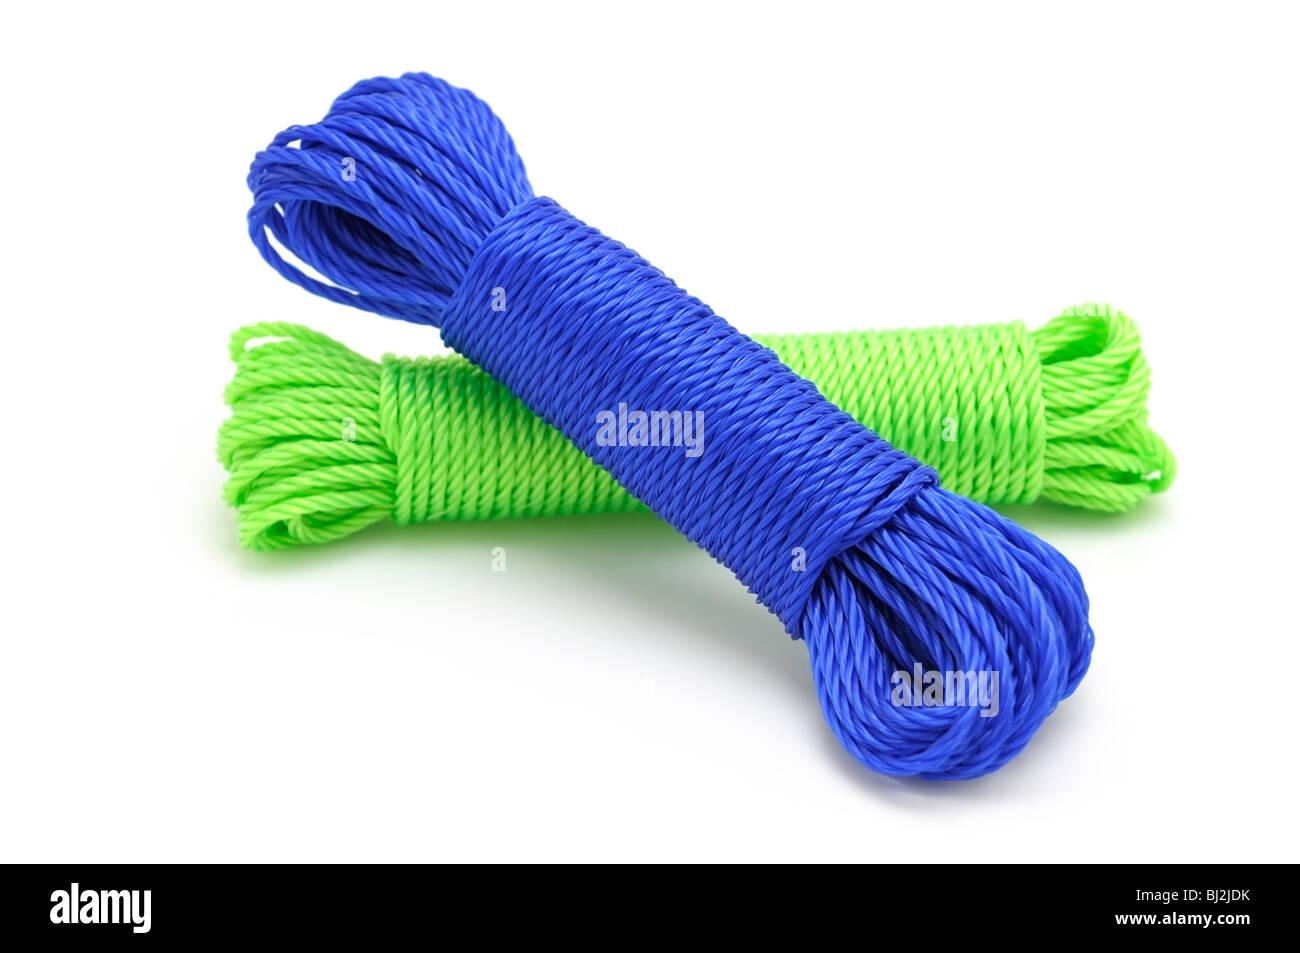 Incluye cuerda de nylon, que se utiliza como una línea de ropa. Imagen De Stock